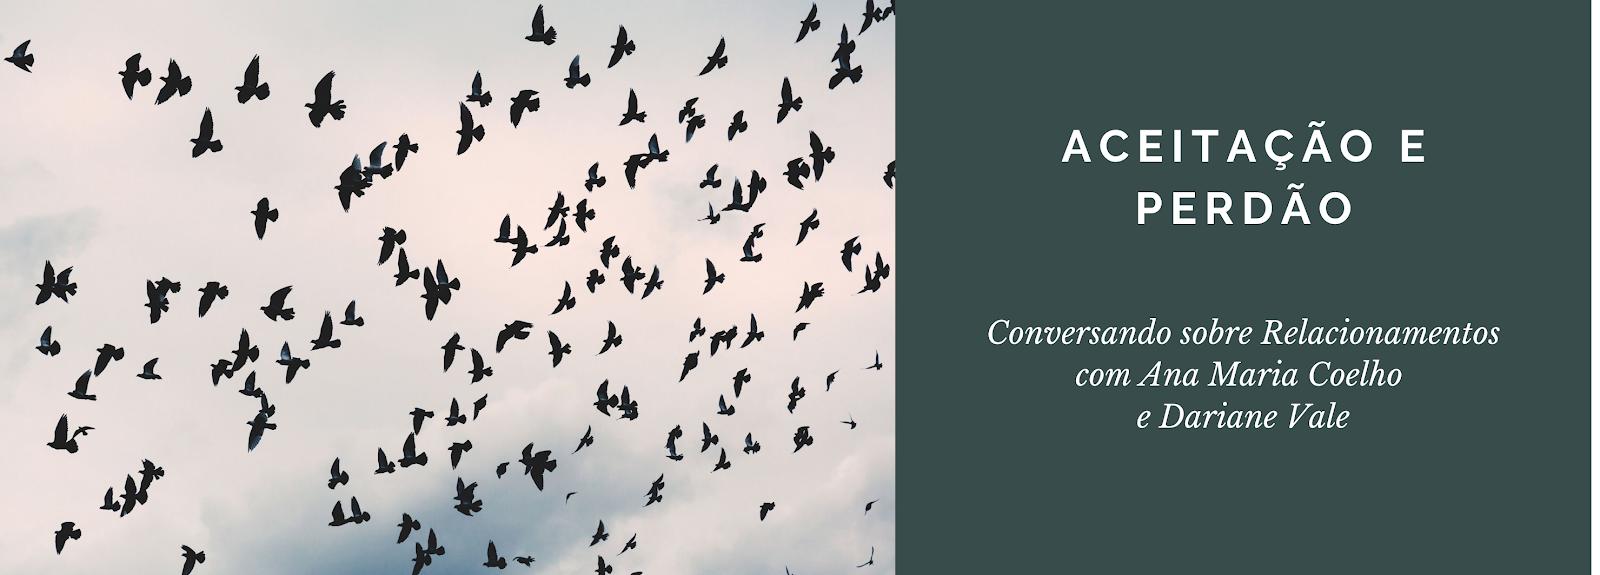 Conversando sobre Relacionamentos: Aceitação e Perdão